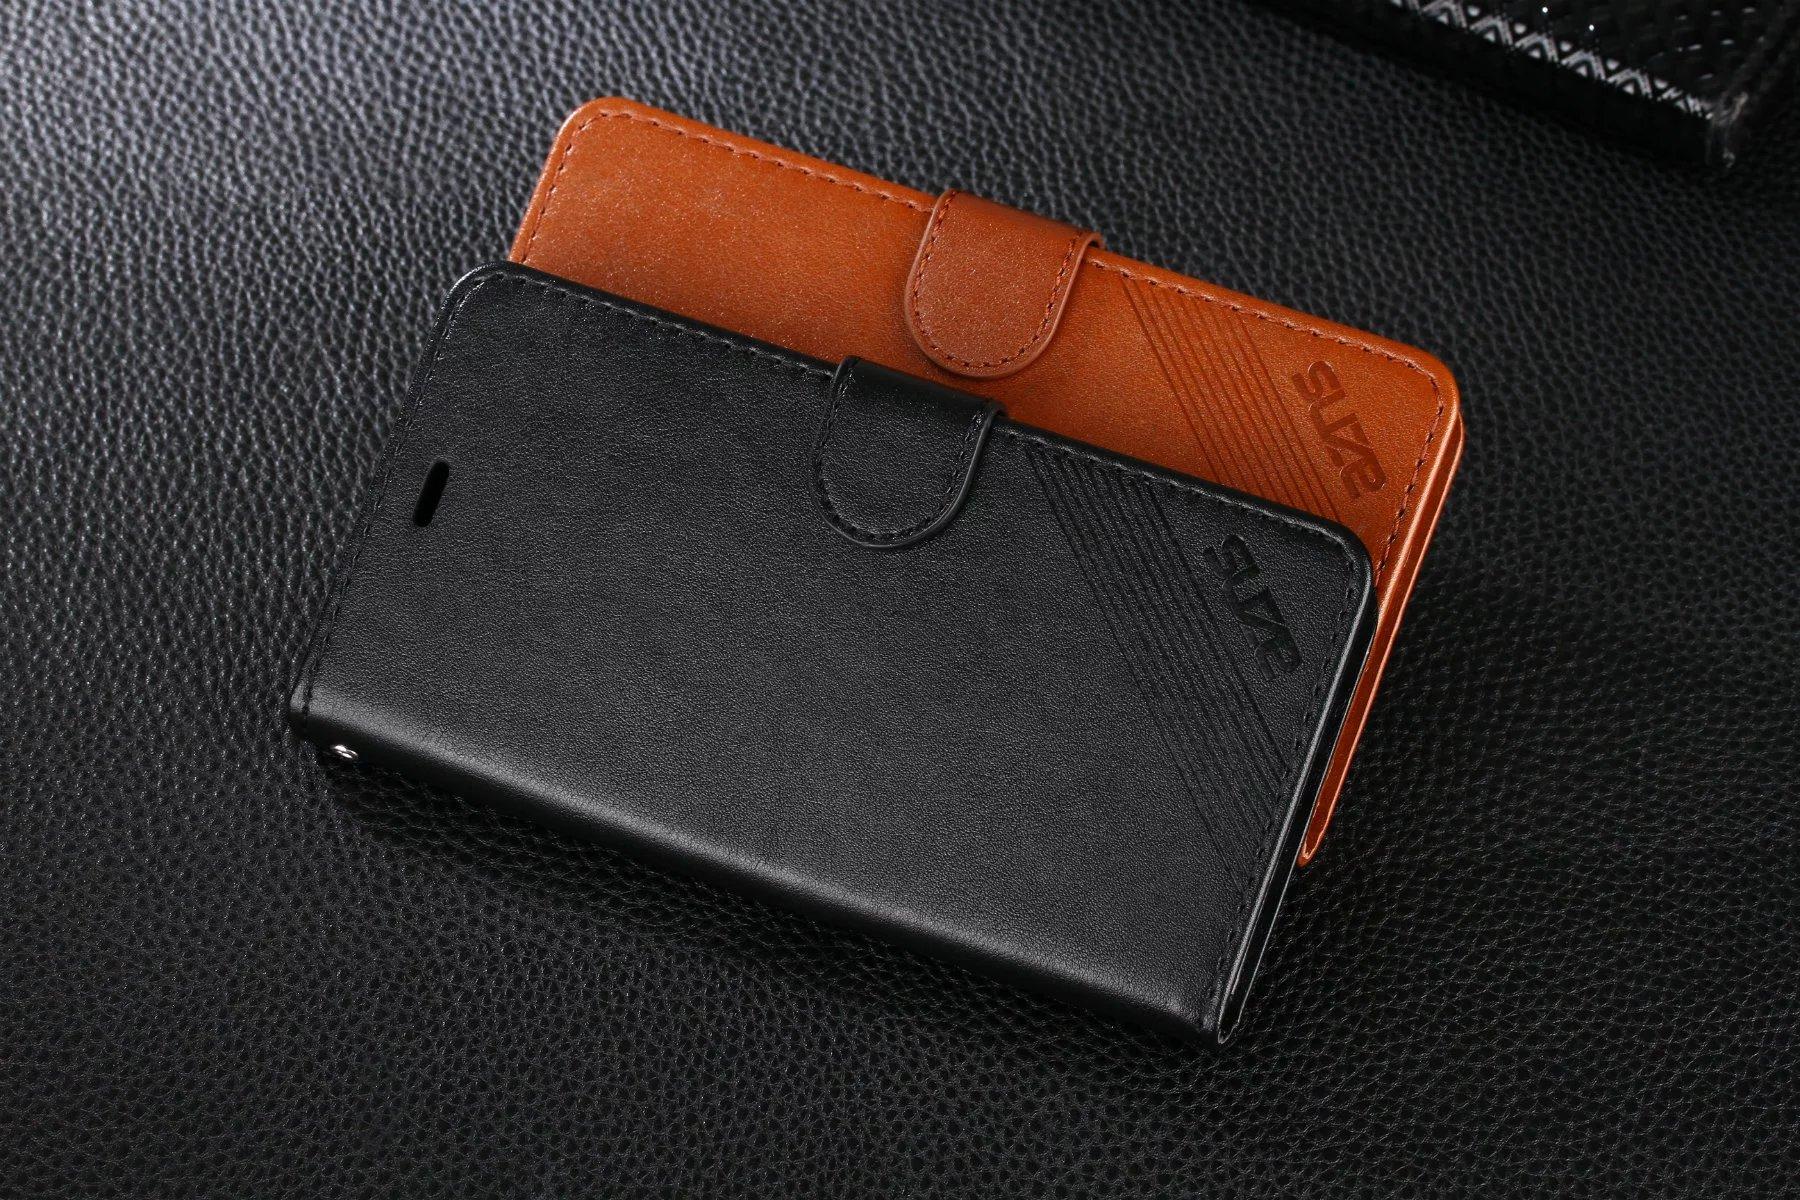 Luksusowy portfel case dla xiaomi redmi 4 pro redmi 4 książka klapki pokrywa pu leather stań torby telefonów pokrowce na xiaomi redmi 4 pro 20